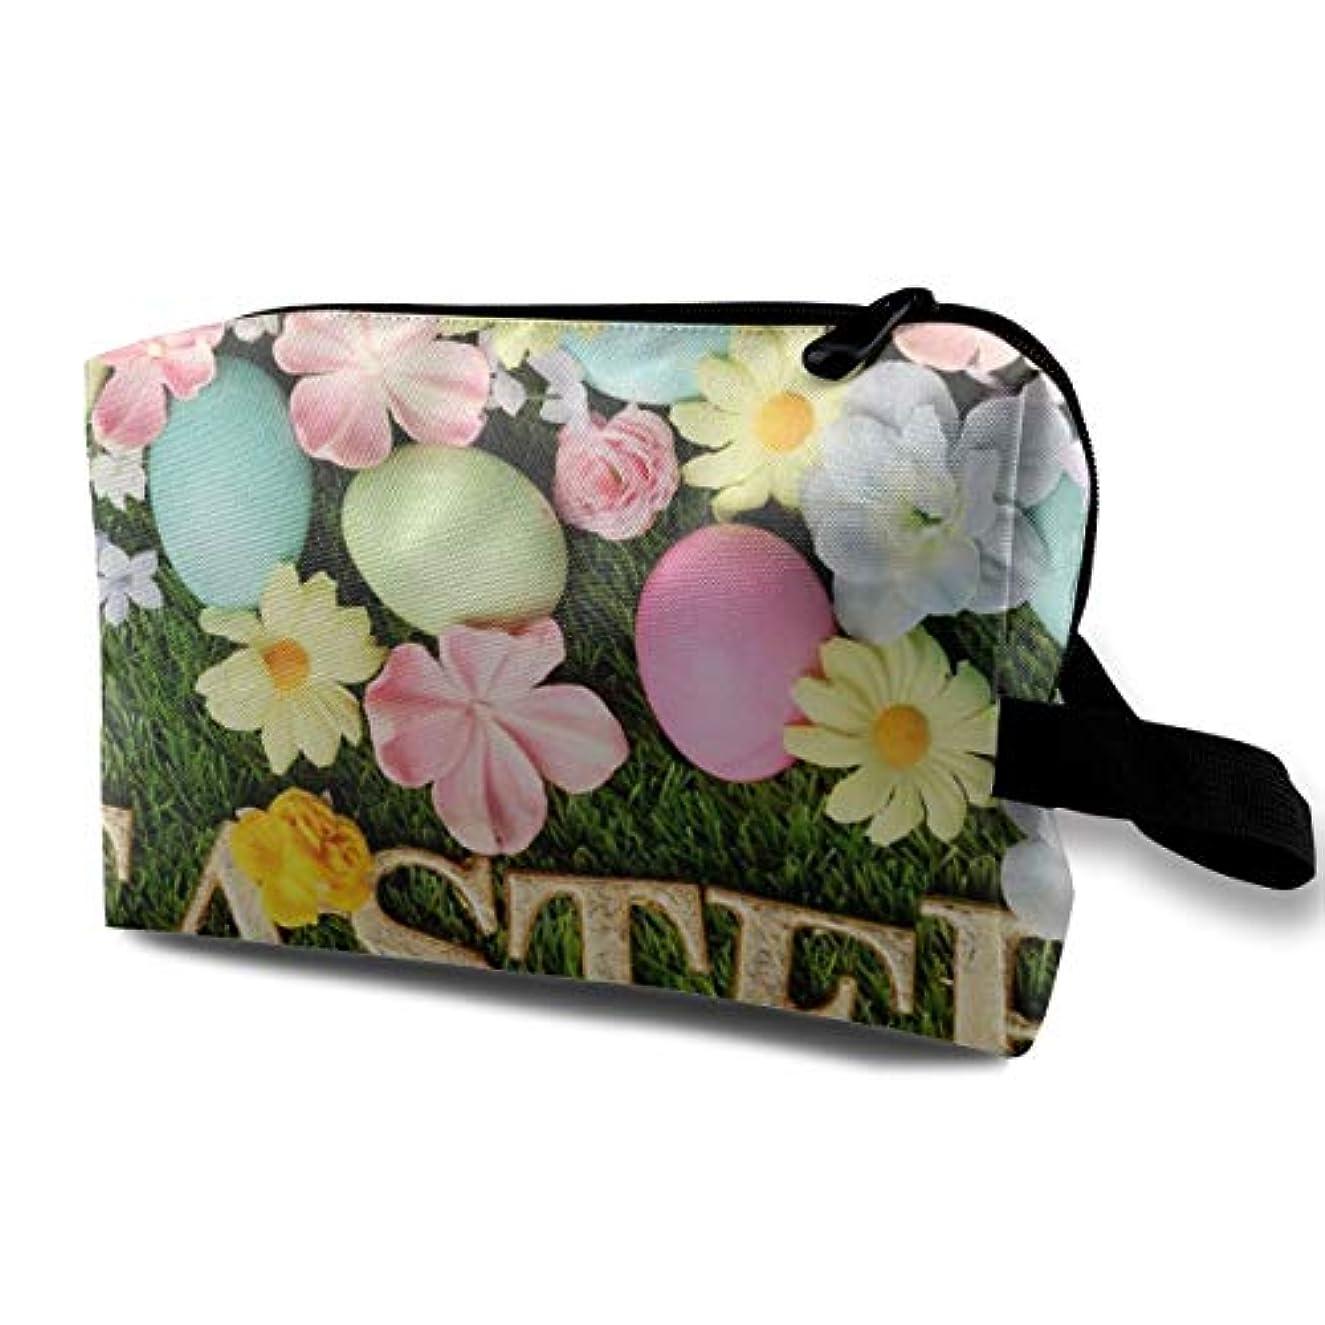 世論調査ジャーナルレンダリングHolidays Easter Eggs In Grass 収納ポーチ 化粧ポーチ 大容量 軽量 耐久性 ハンドル付持ち運び便利。入れ 自宅?出張?旅行?アウトドア撮影などに対応。メンズ レディース トラベルグッズ